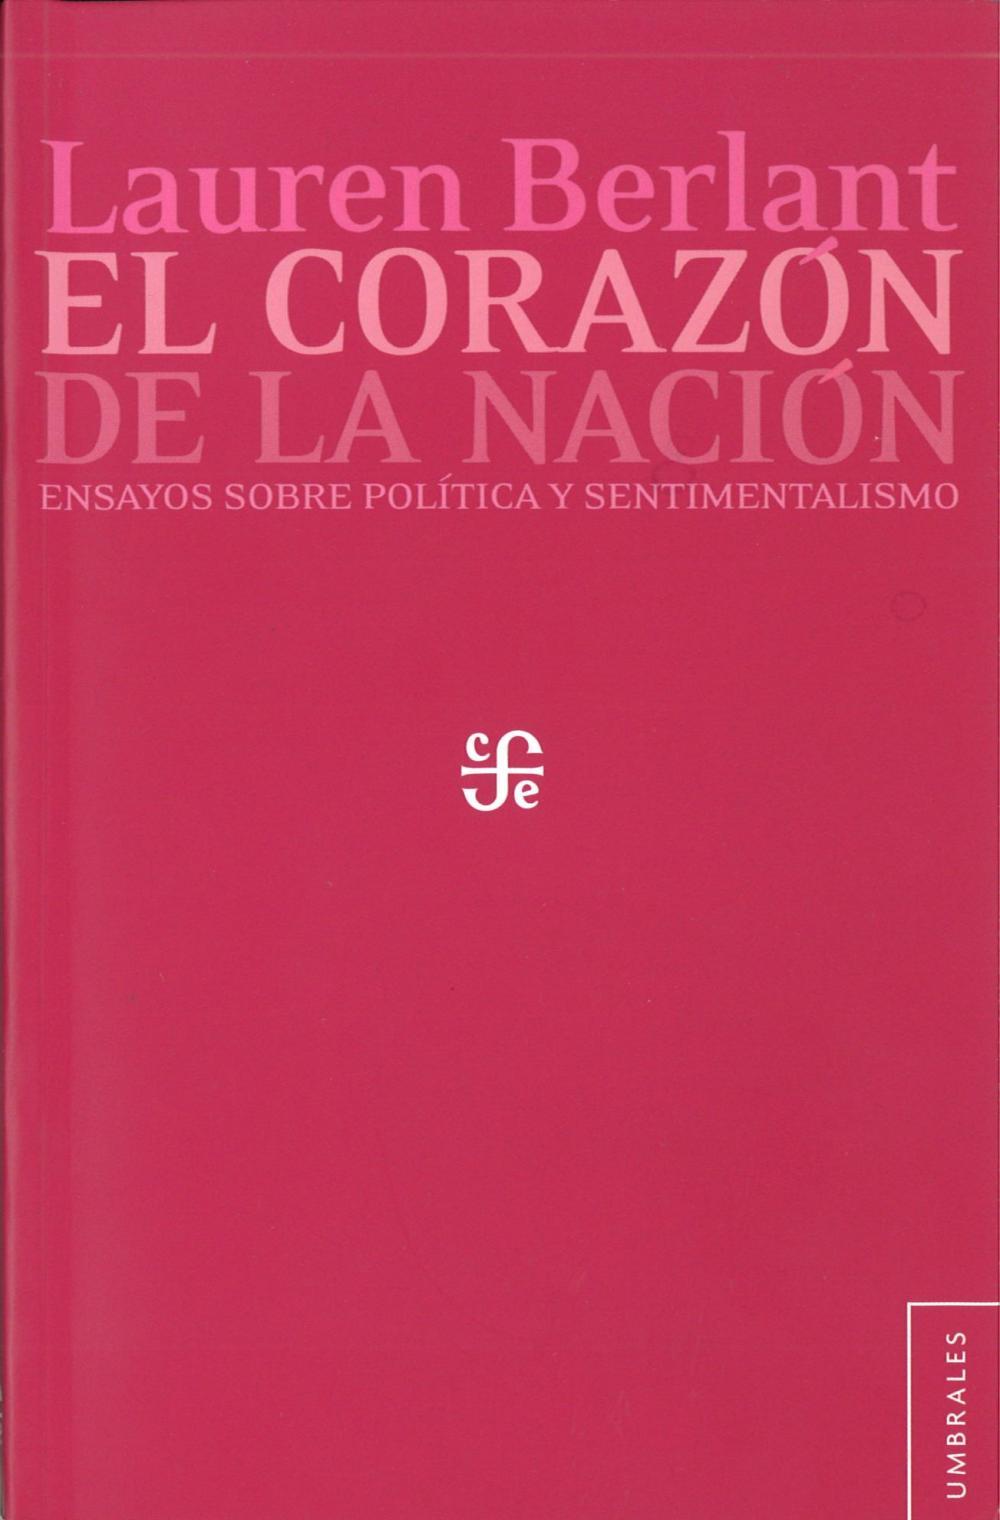 EL CORAZÓN DE LA NACIÓN